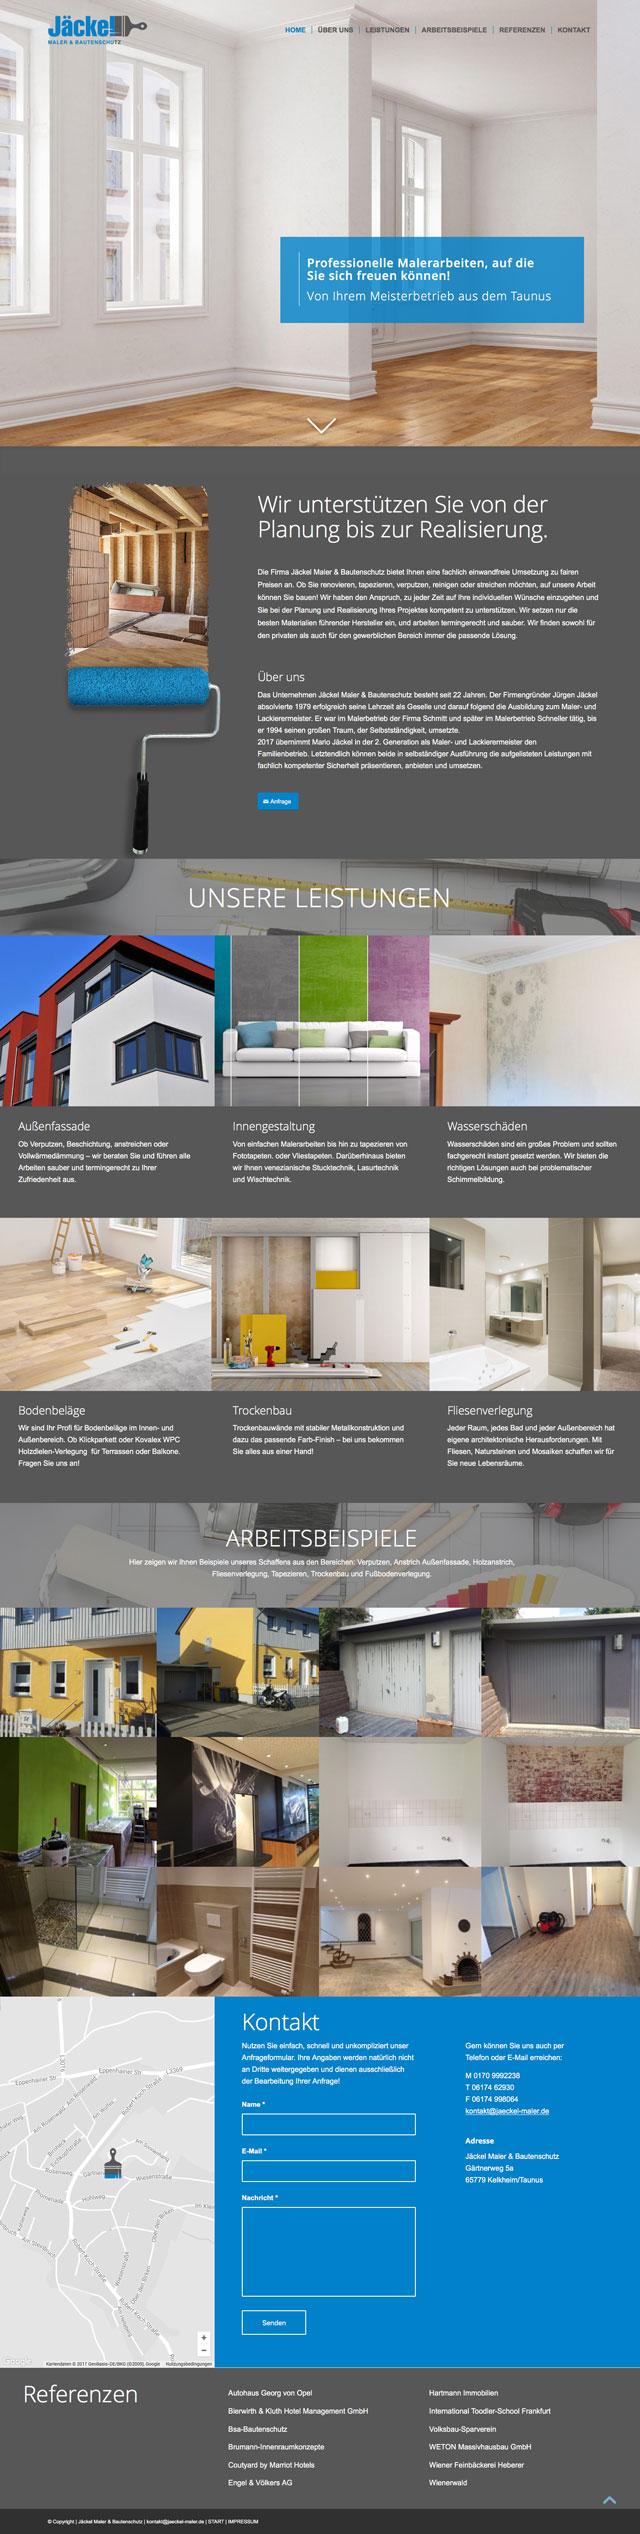 Responsive Webdesign Onepager für den Malerbetrieb Jäckel Maler & Bautenschutz im Taunus